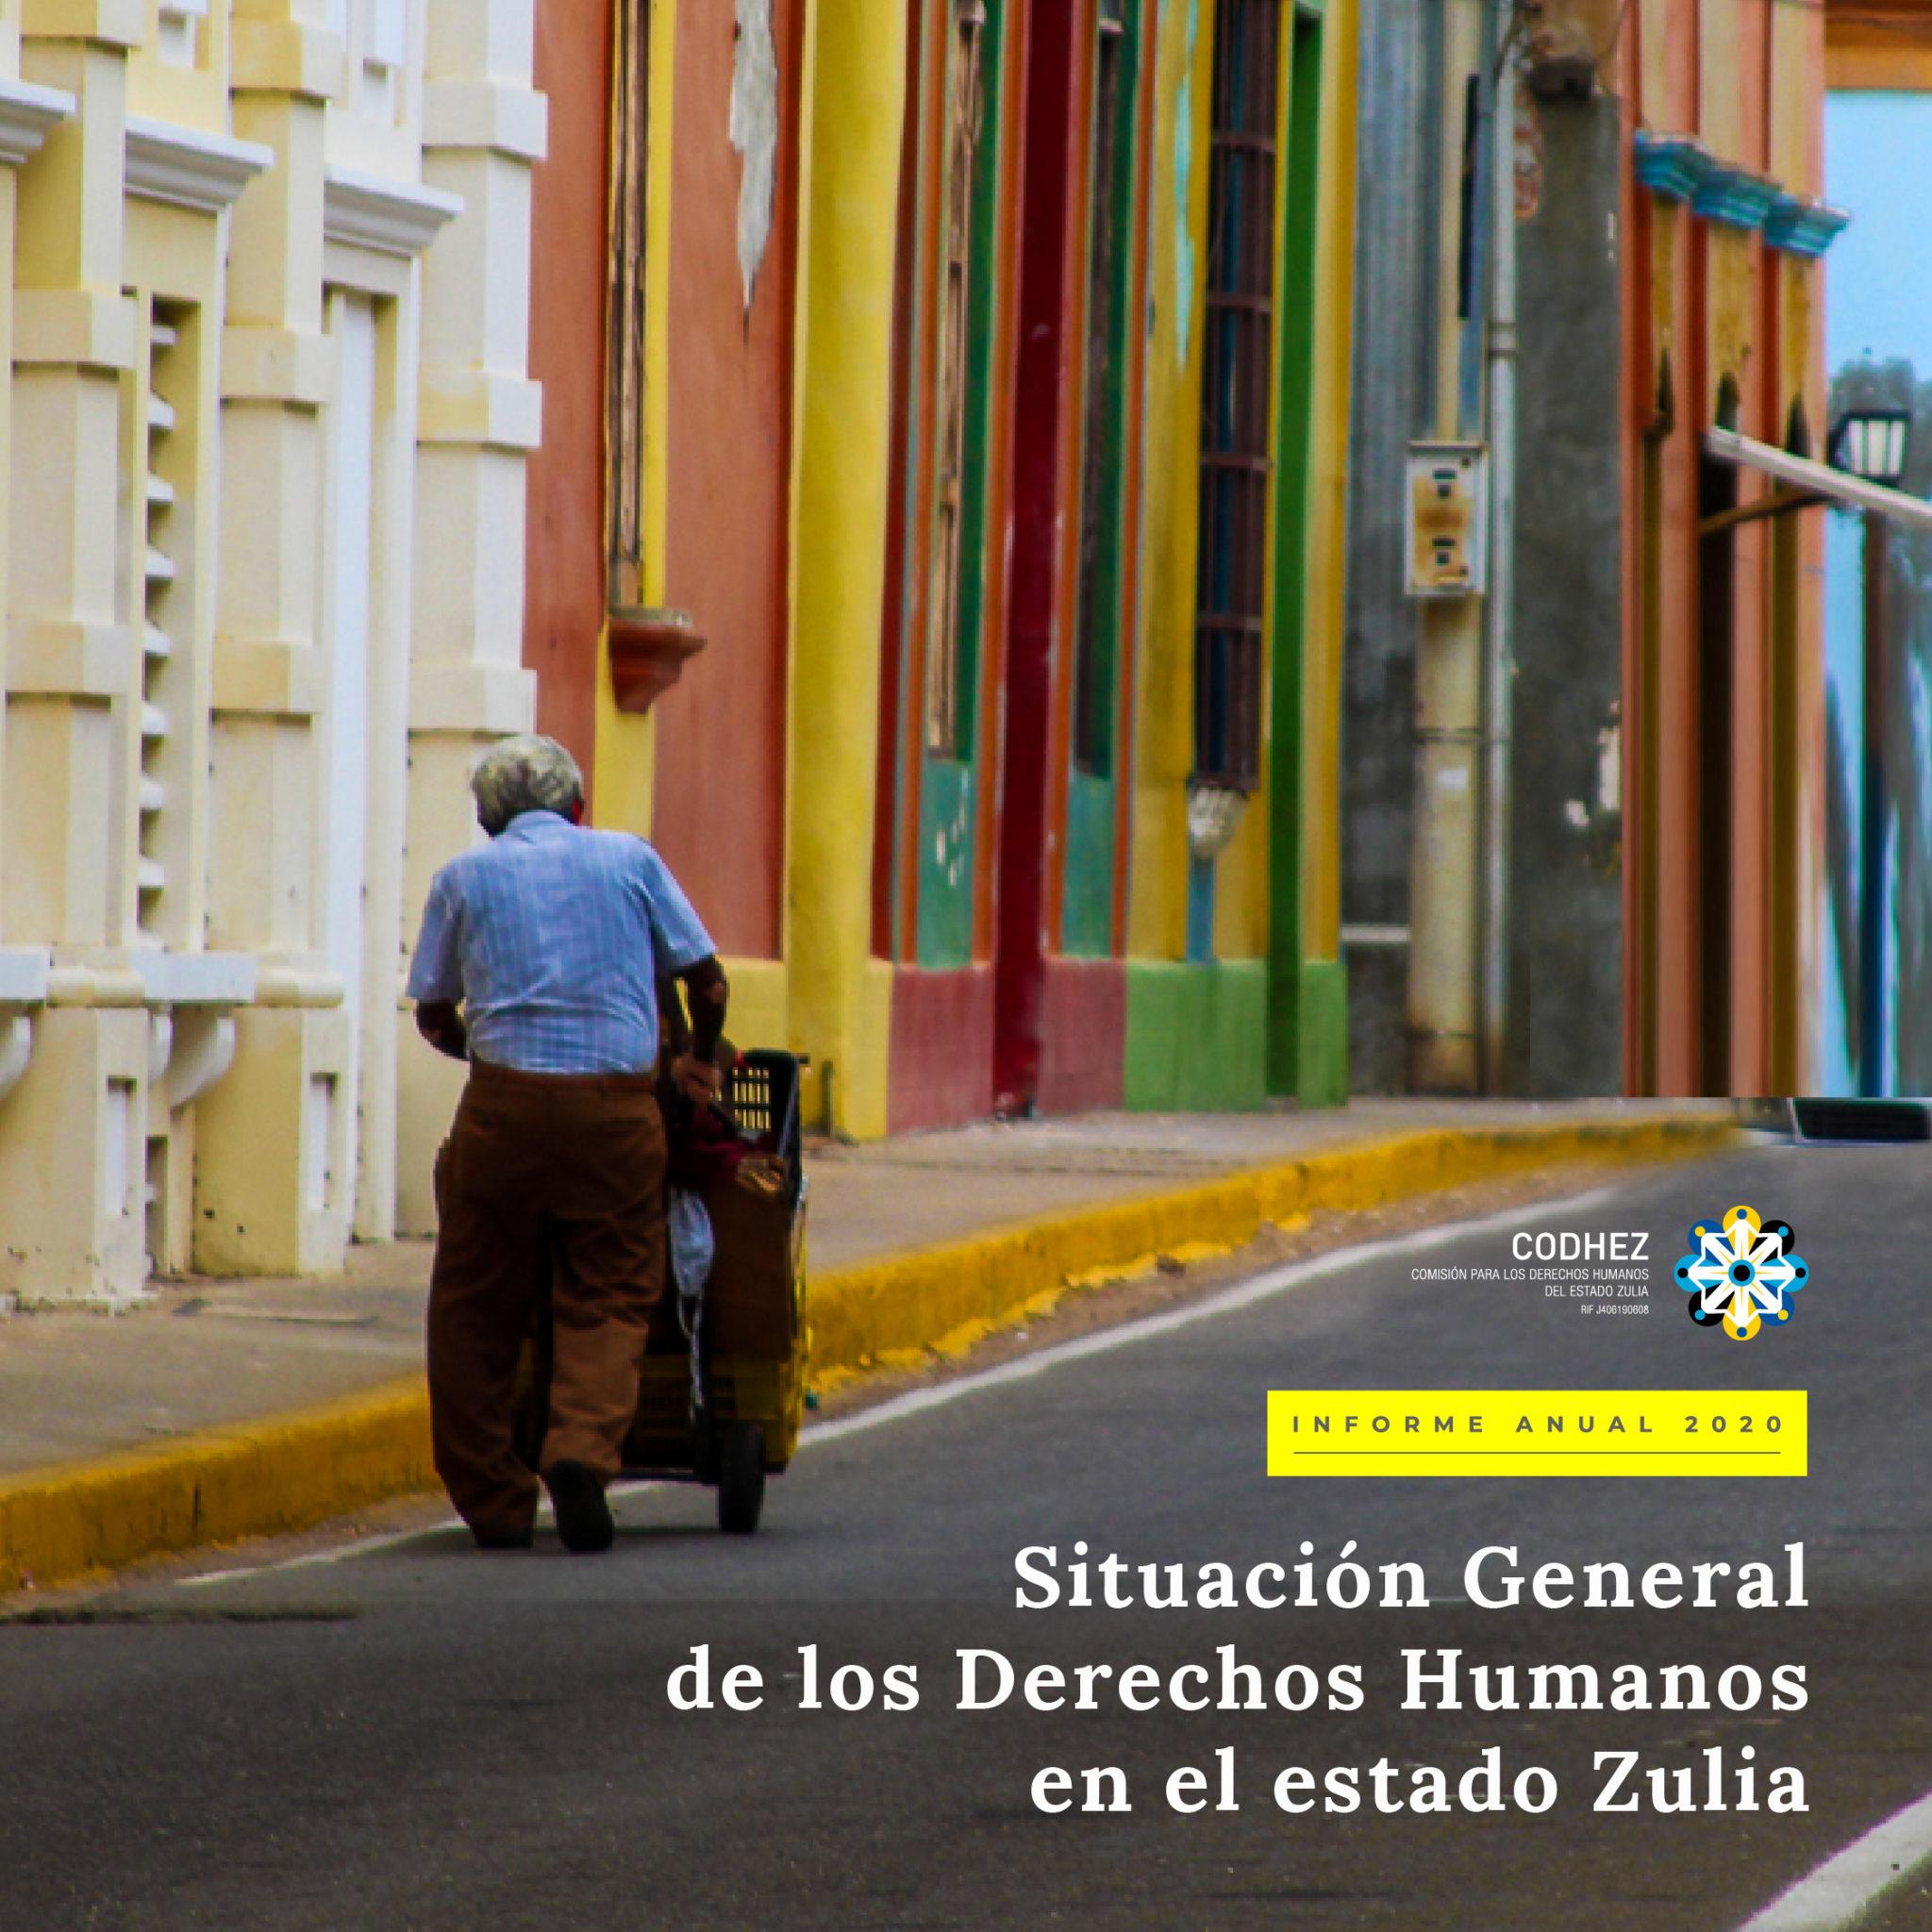 Vulneraciones a los derechos humanos en el Zulia se intensificaron durante 2020